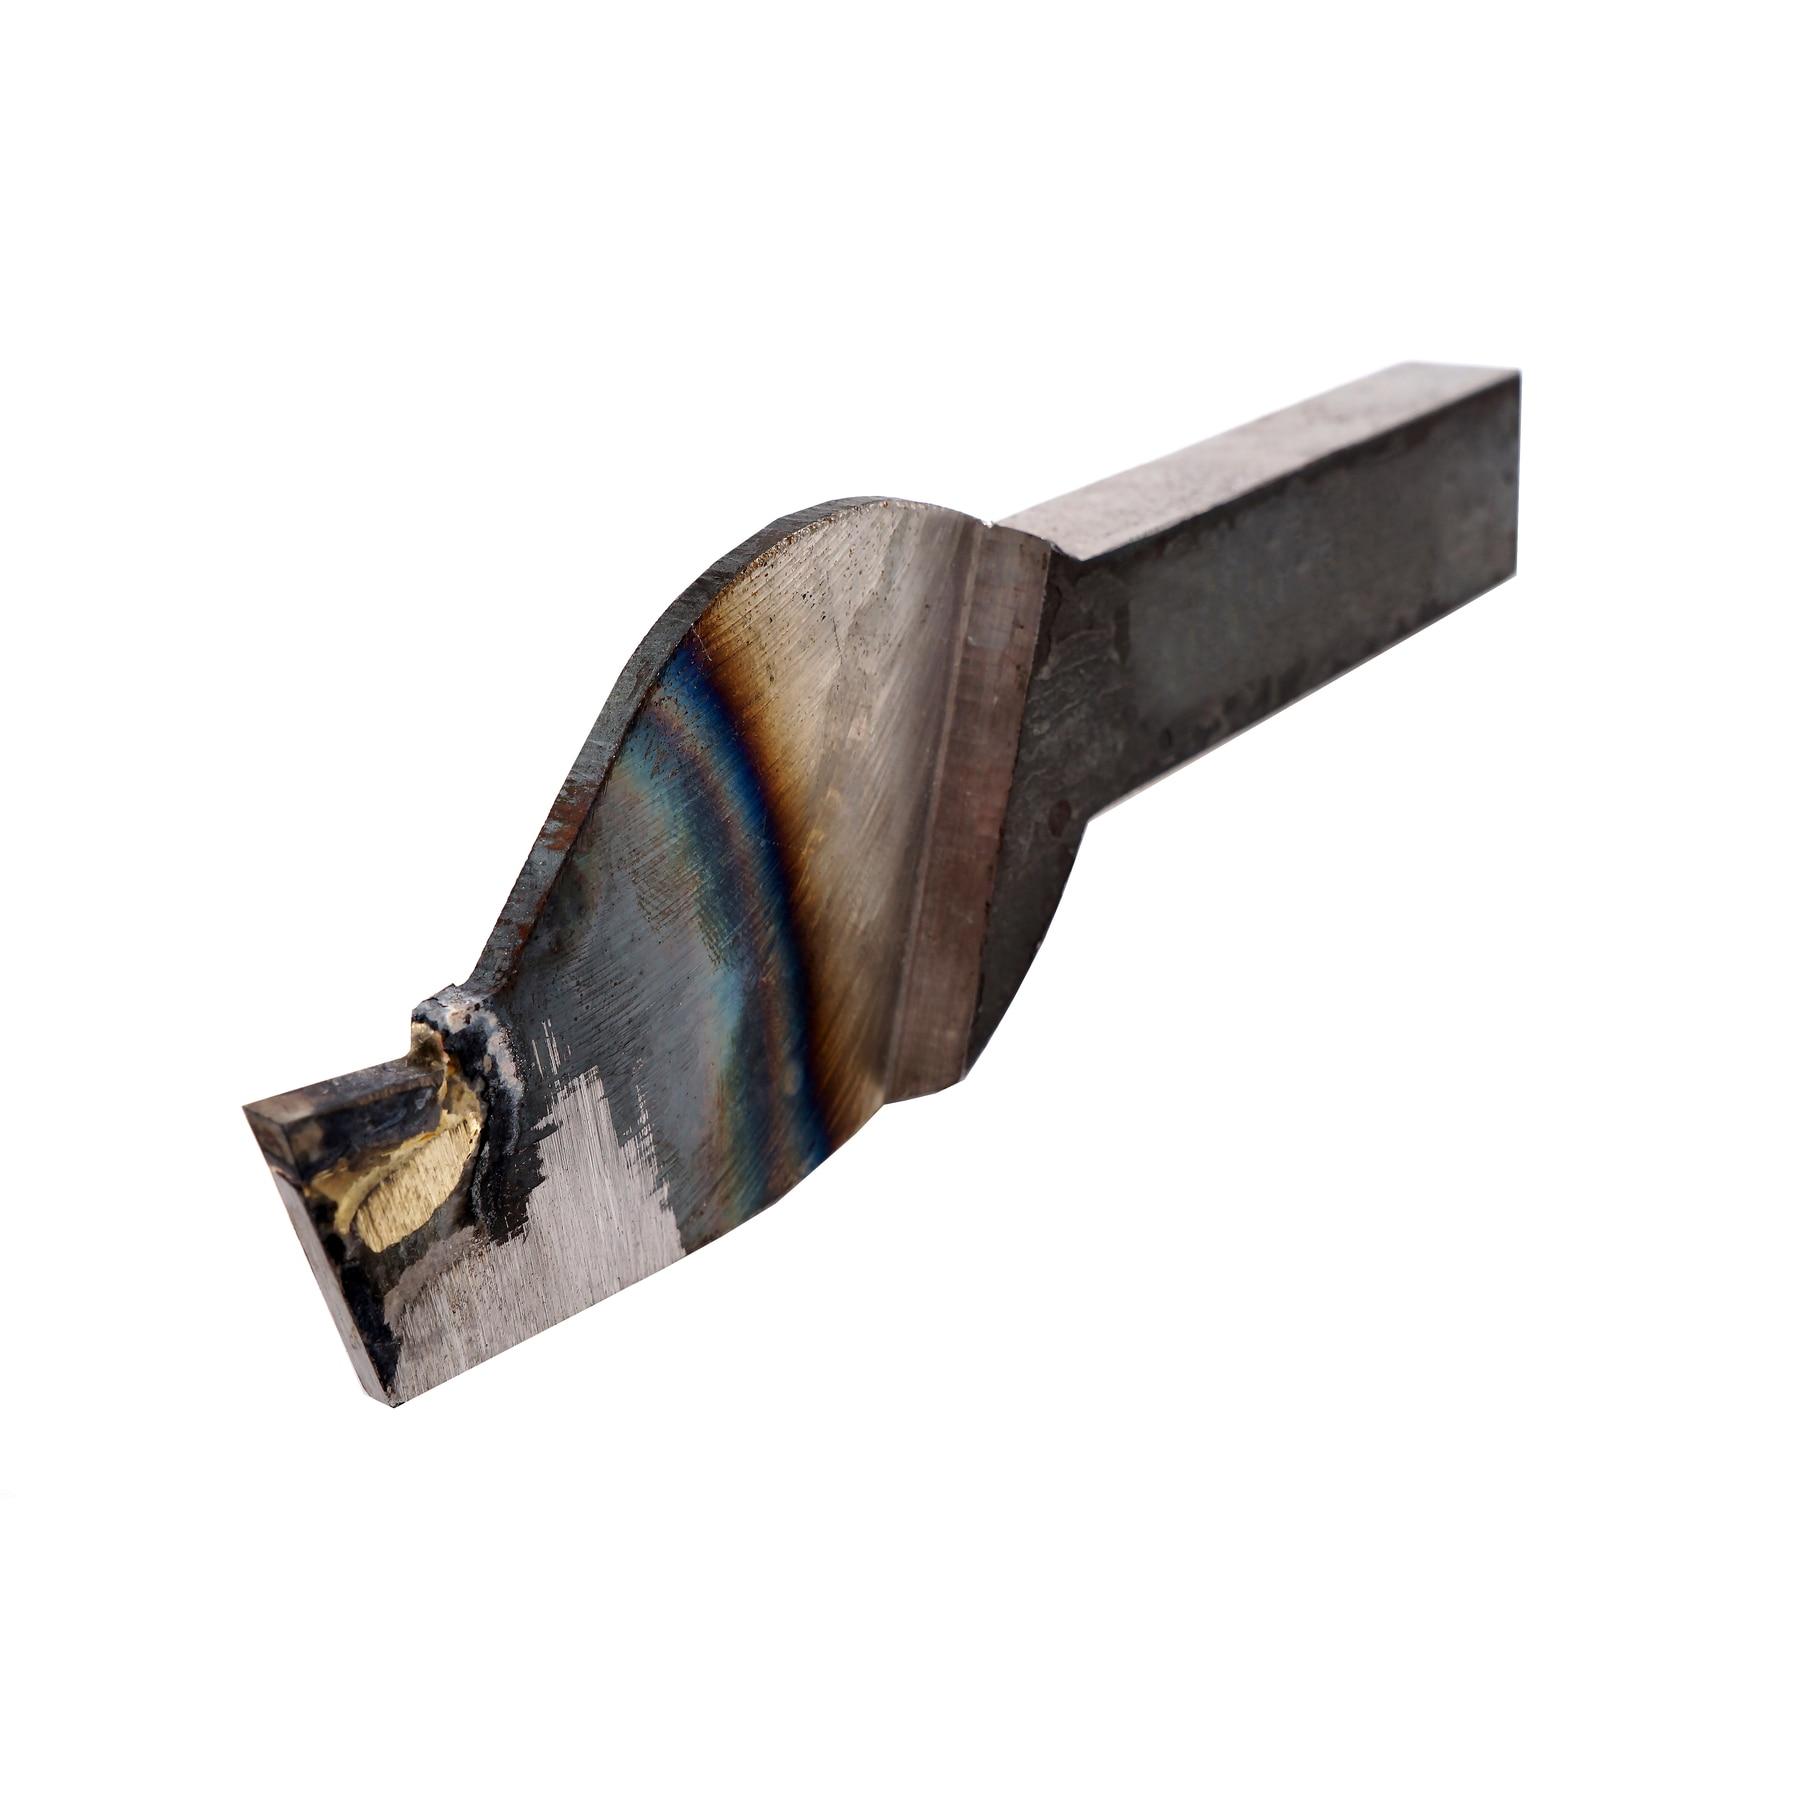 Резец отрезной обратный (Петушковый) 25*16 мм. с напайкой пластины из твердого сплава P10 P30 K20